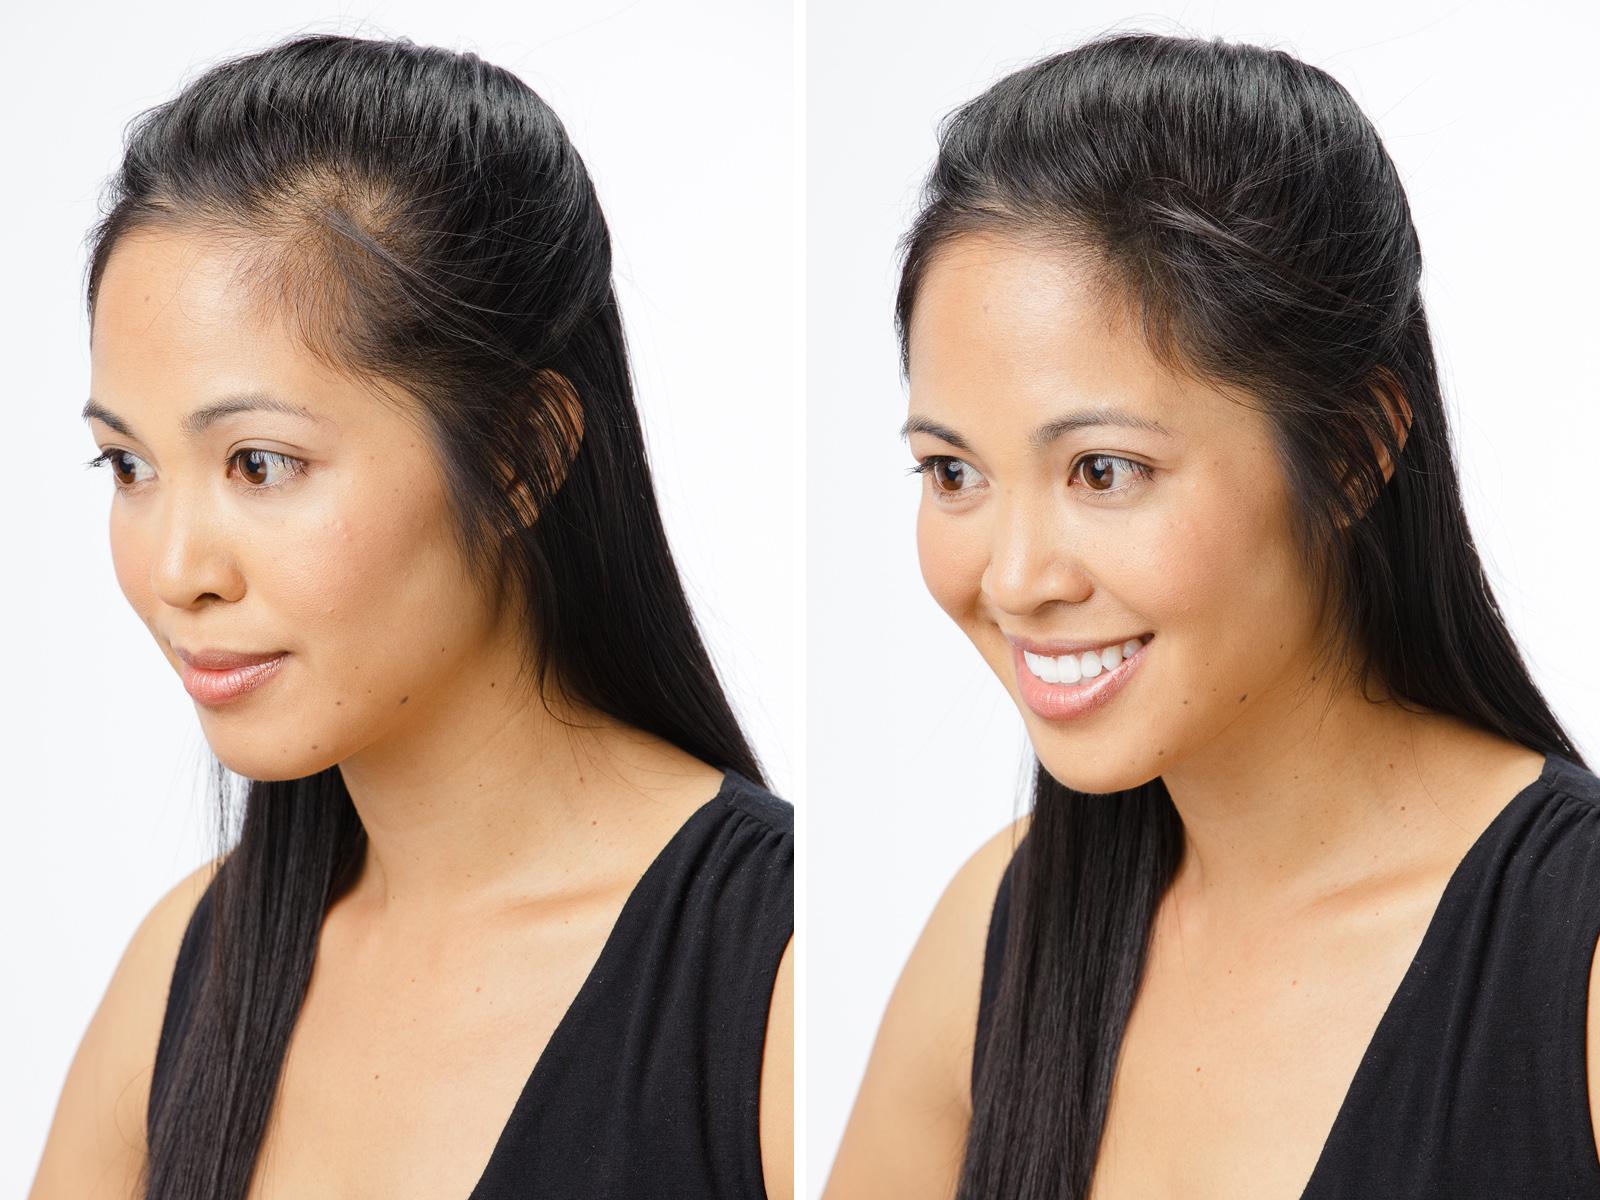 Melhores dicas de crescimento de cabelo para homens e mulheres